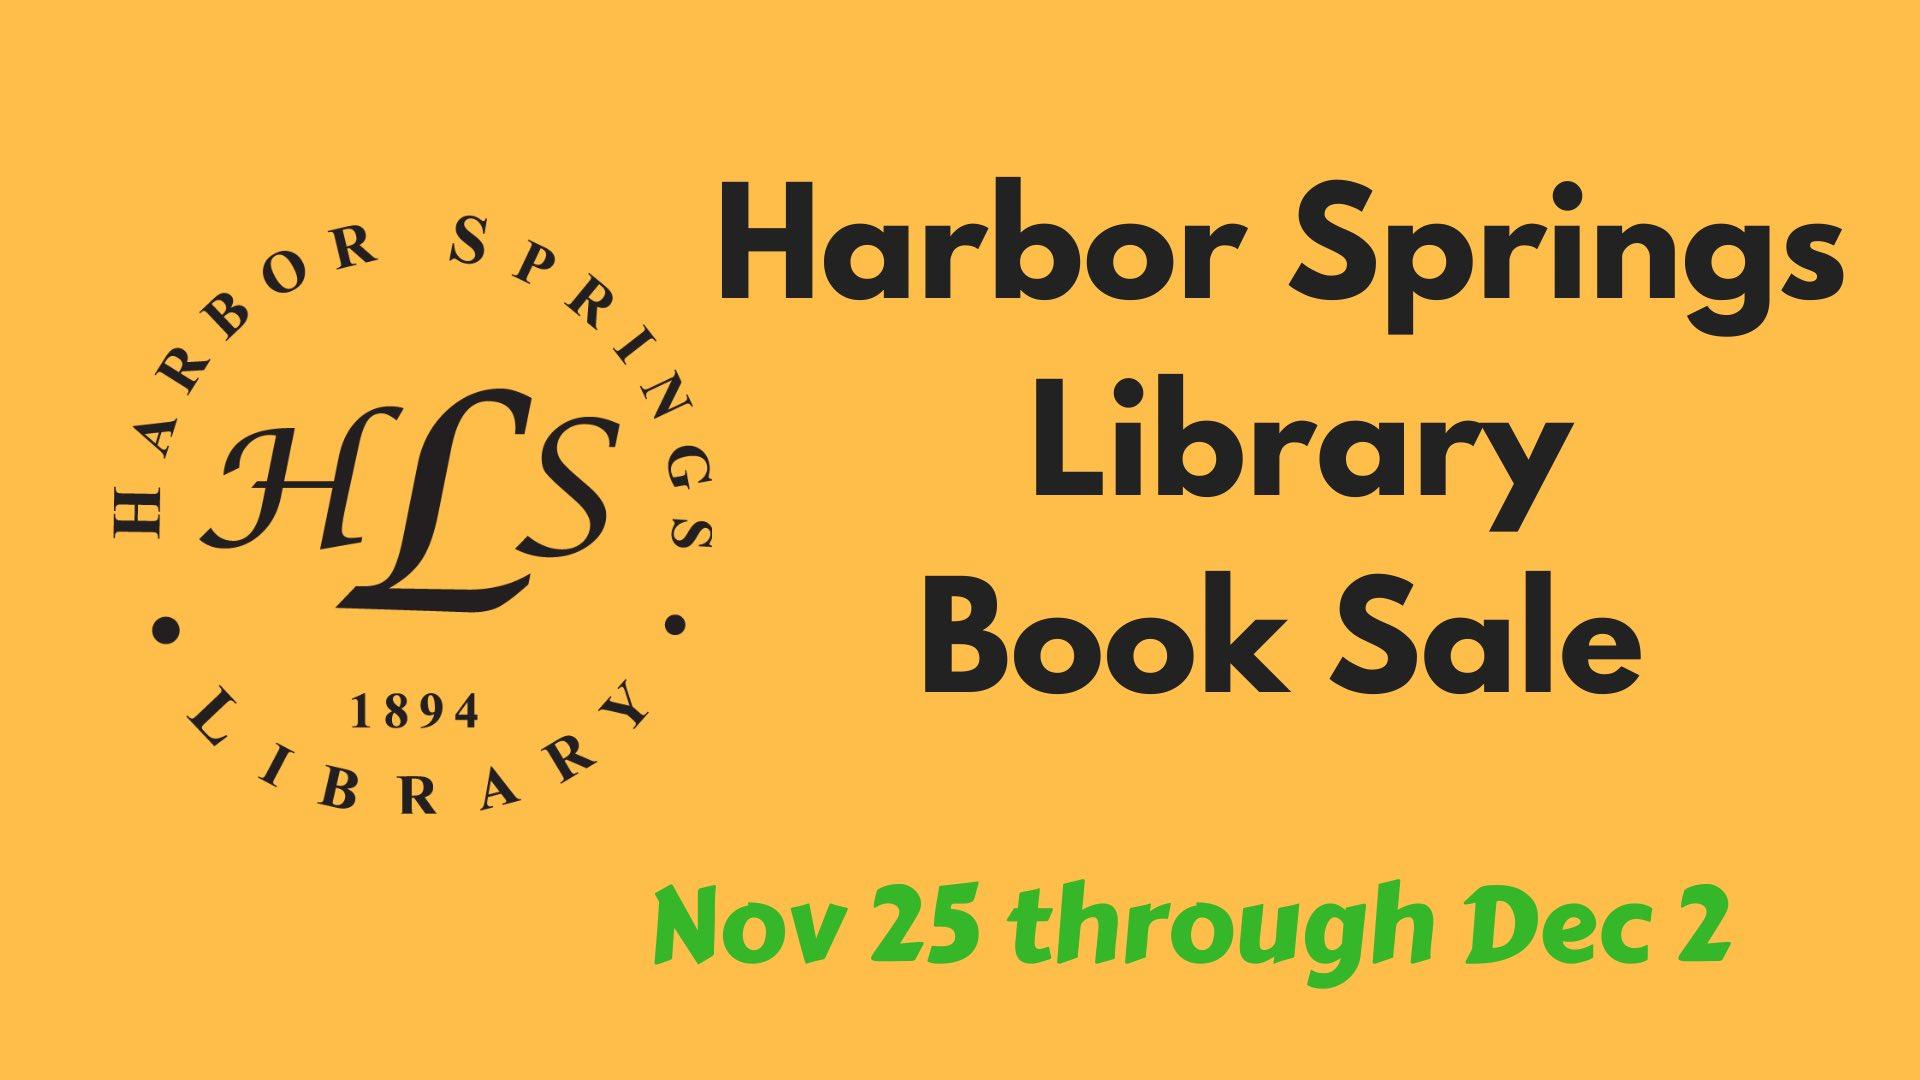 Harbor Springs LibraryBook Sale